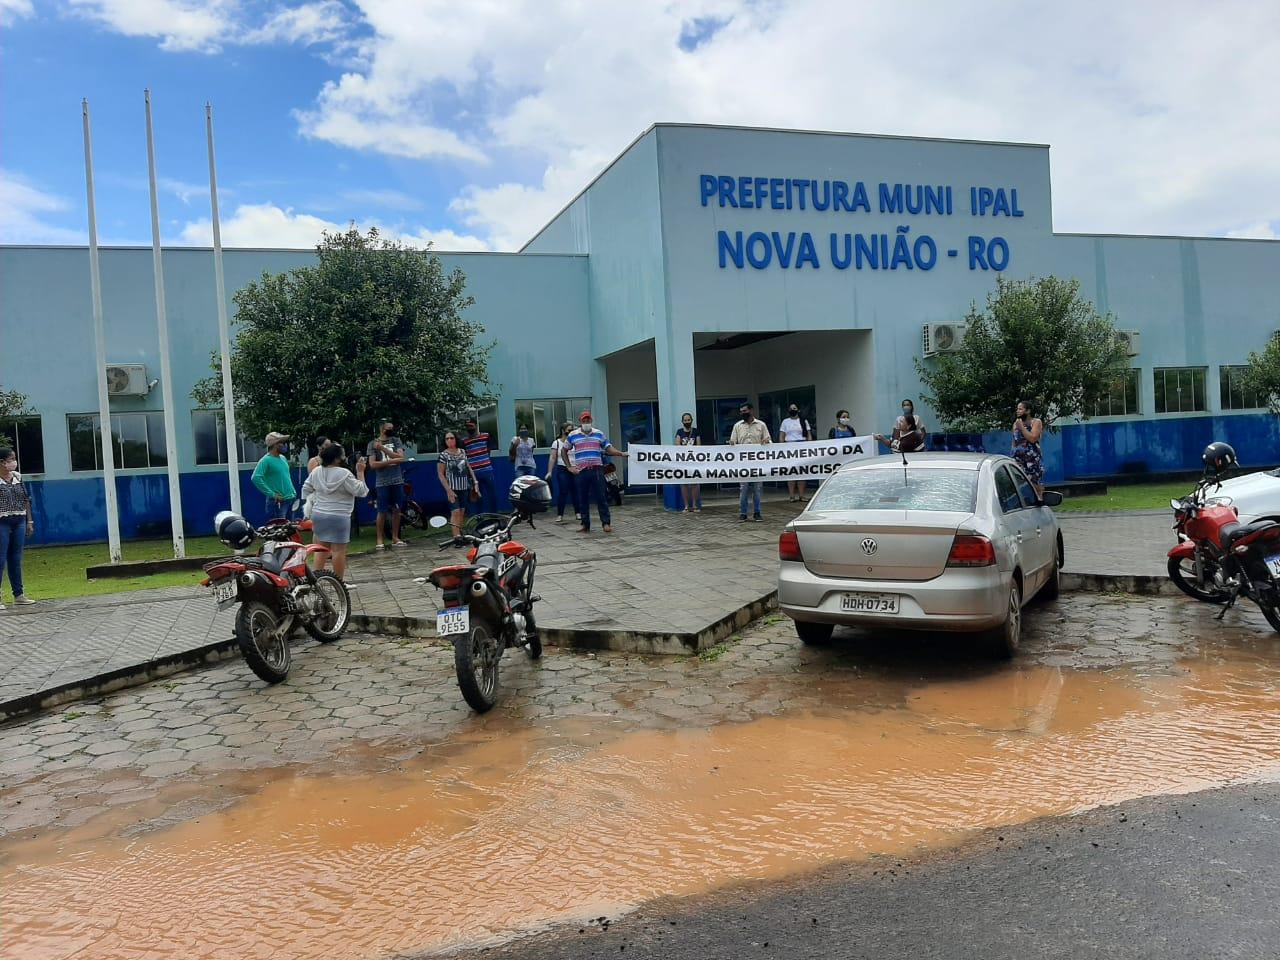 Relato sobre a Escola Manoel Francisco em Nova União-RO